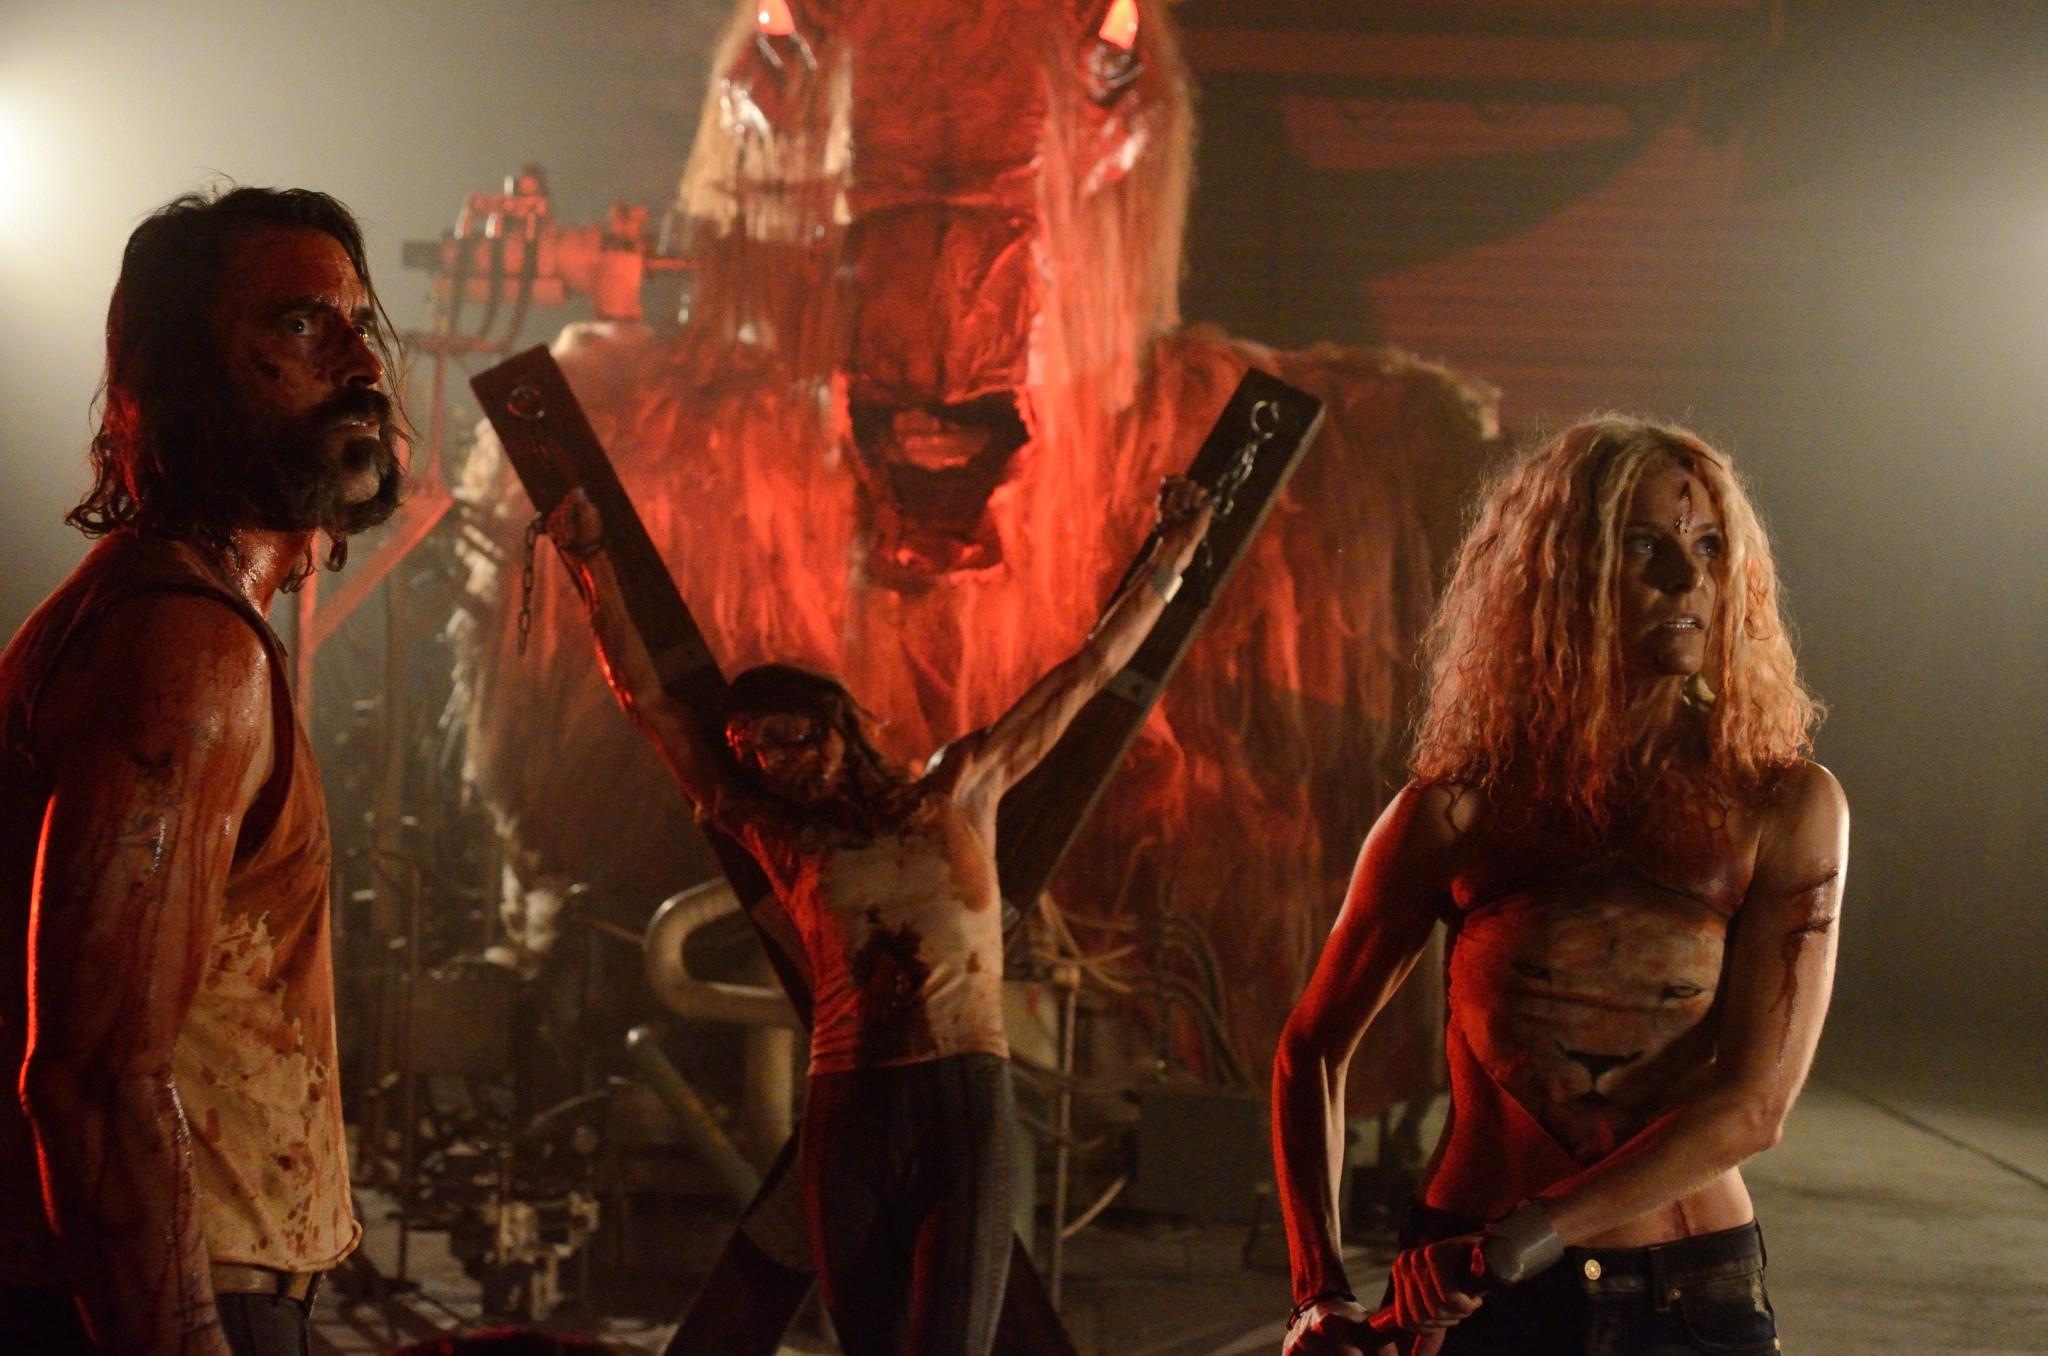 Rob Zombie 31 (2016) – Gore gore AL GORE